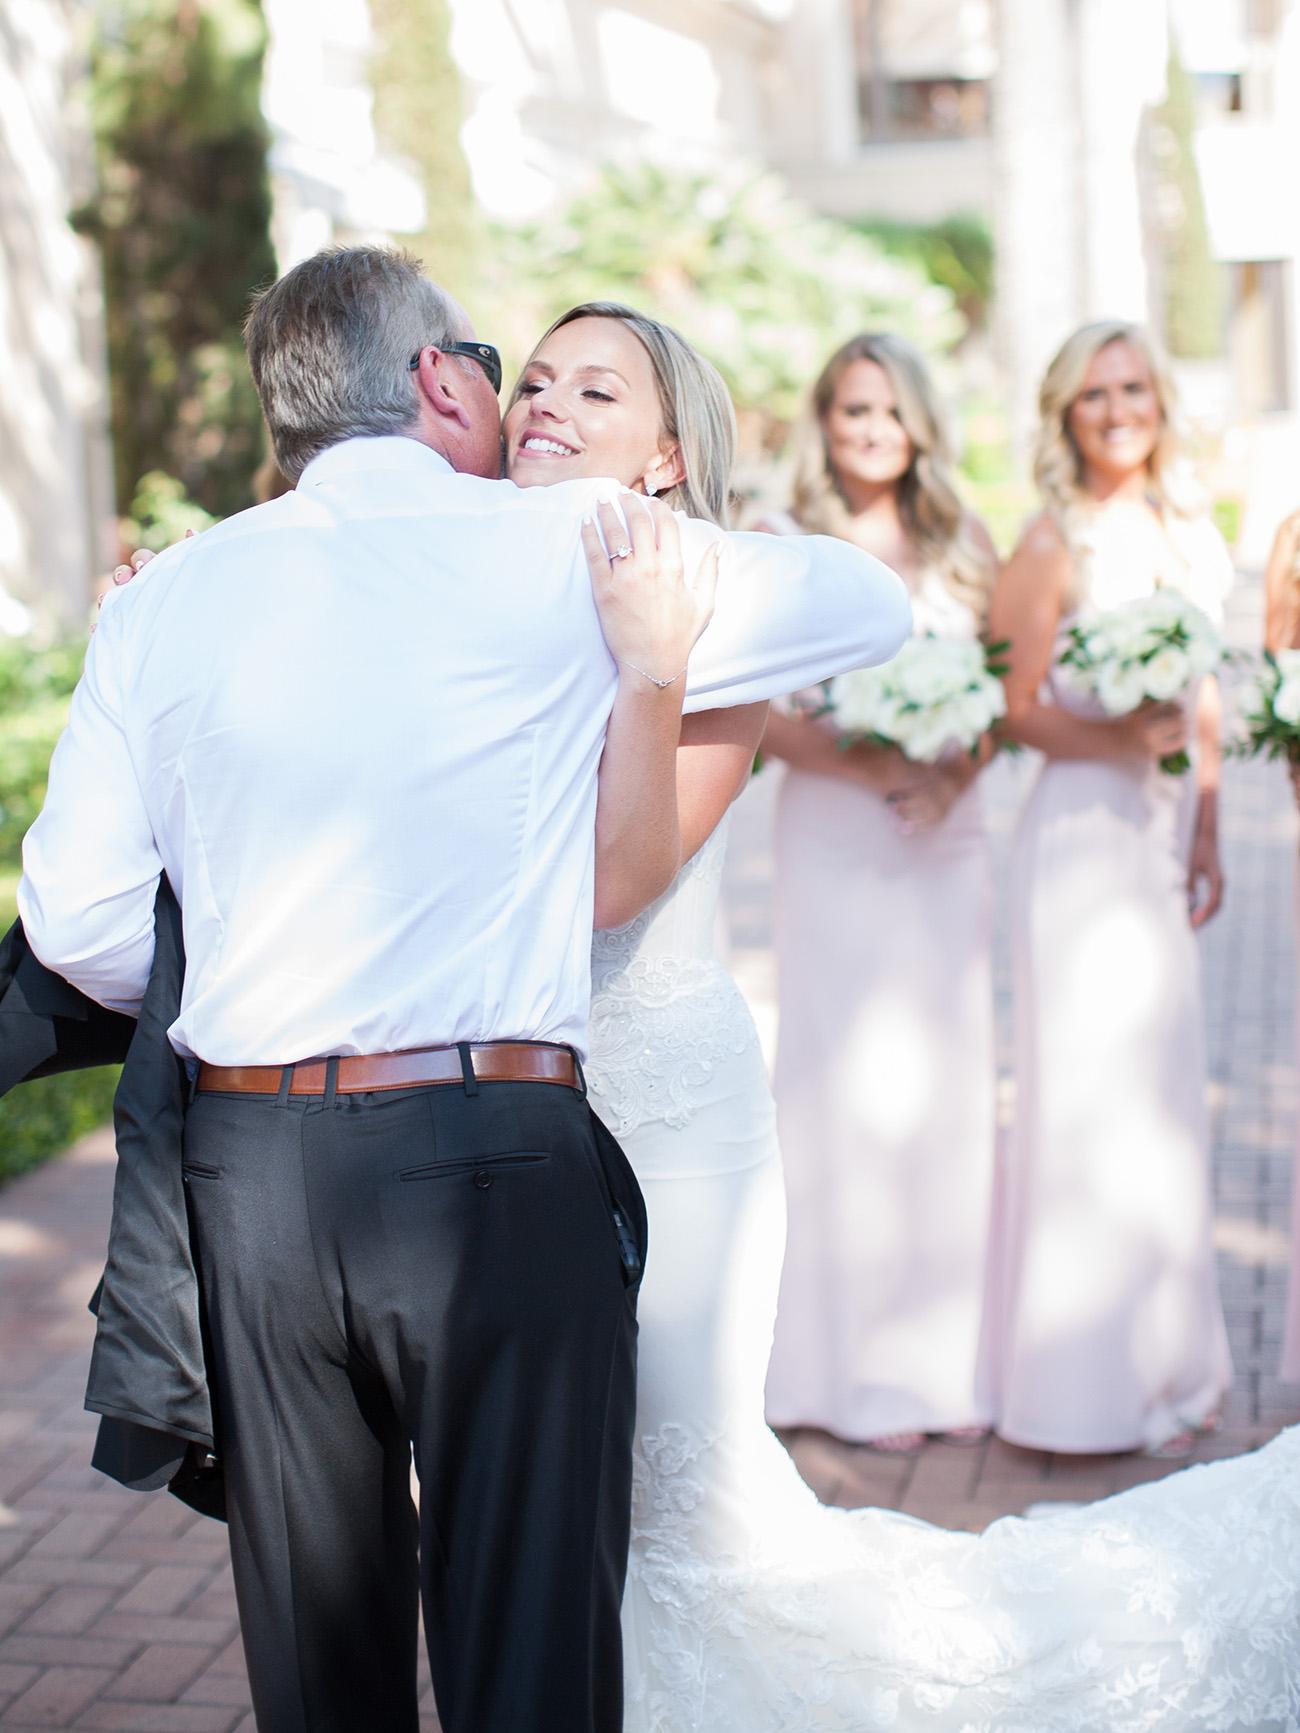 lane_dittoe_weddings_185.jpg